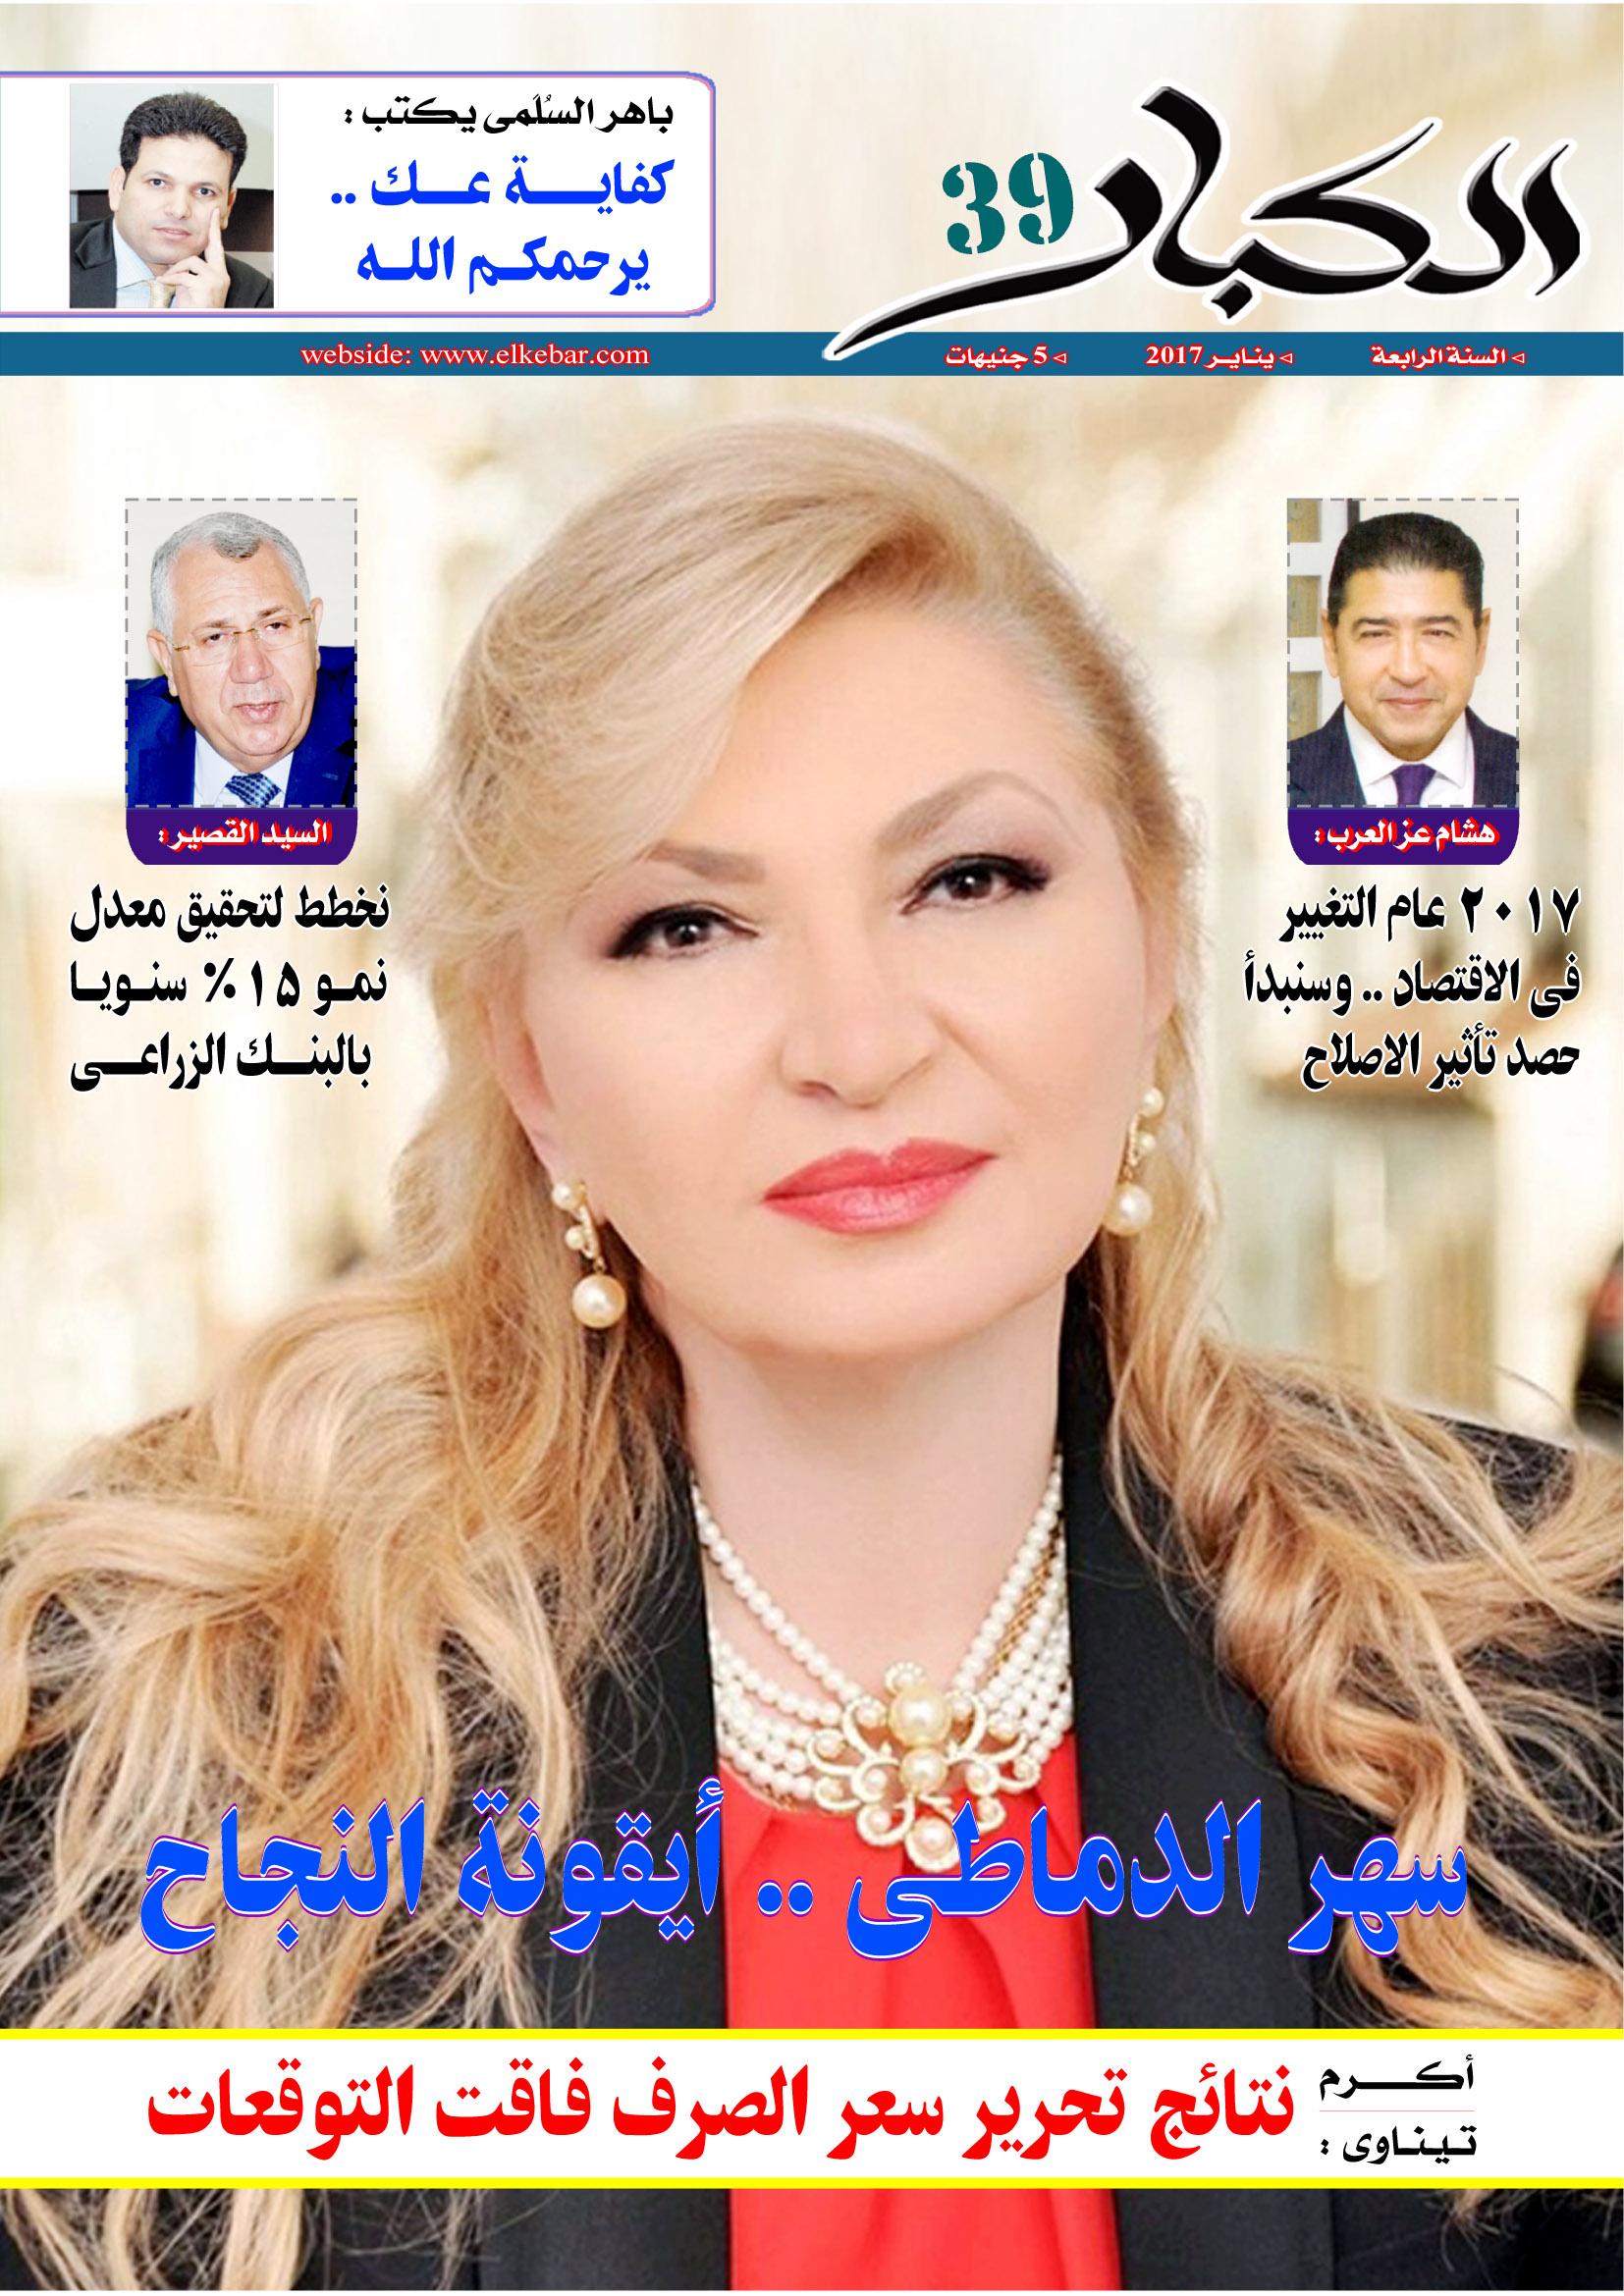 غلاف العدد 39 .. يناير 2017